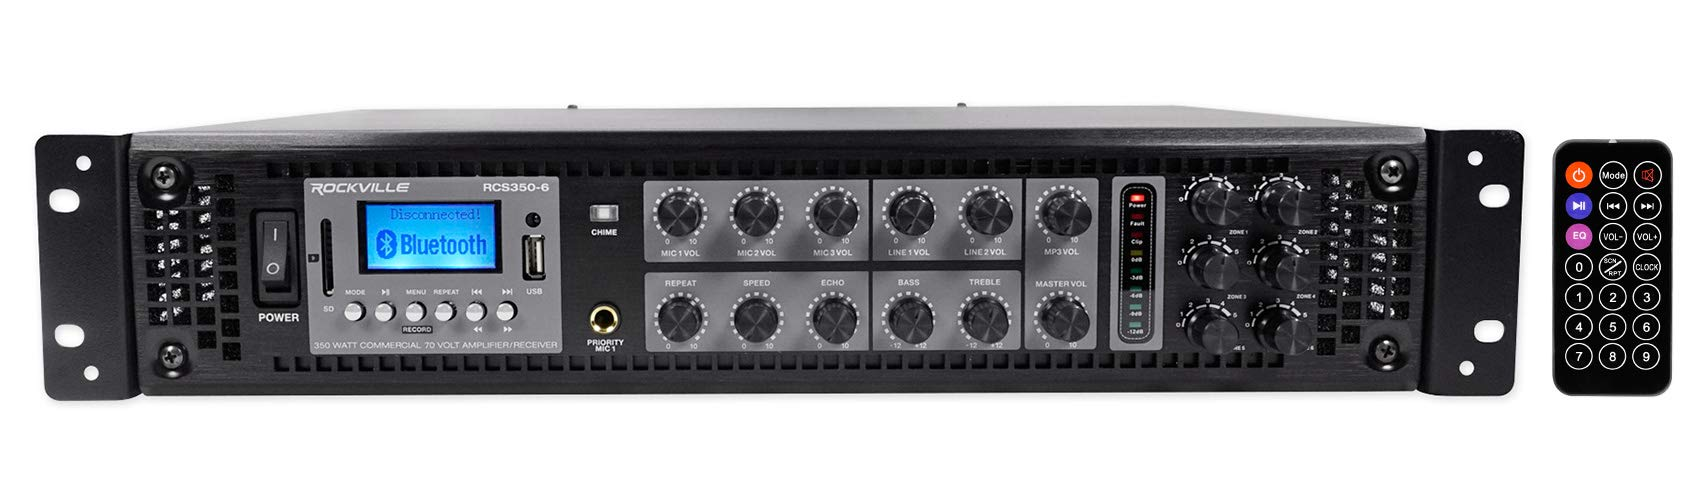 Rockville RCS350-6 350 Watt 6 Zone 70V Commercial/Restaurant Amplifier/Bluetooth